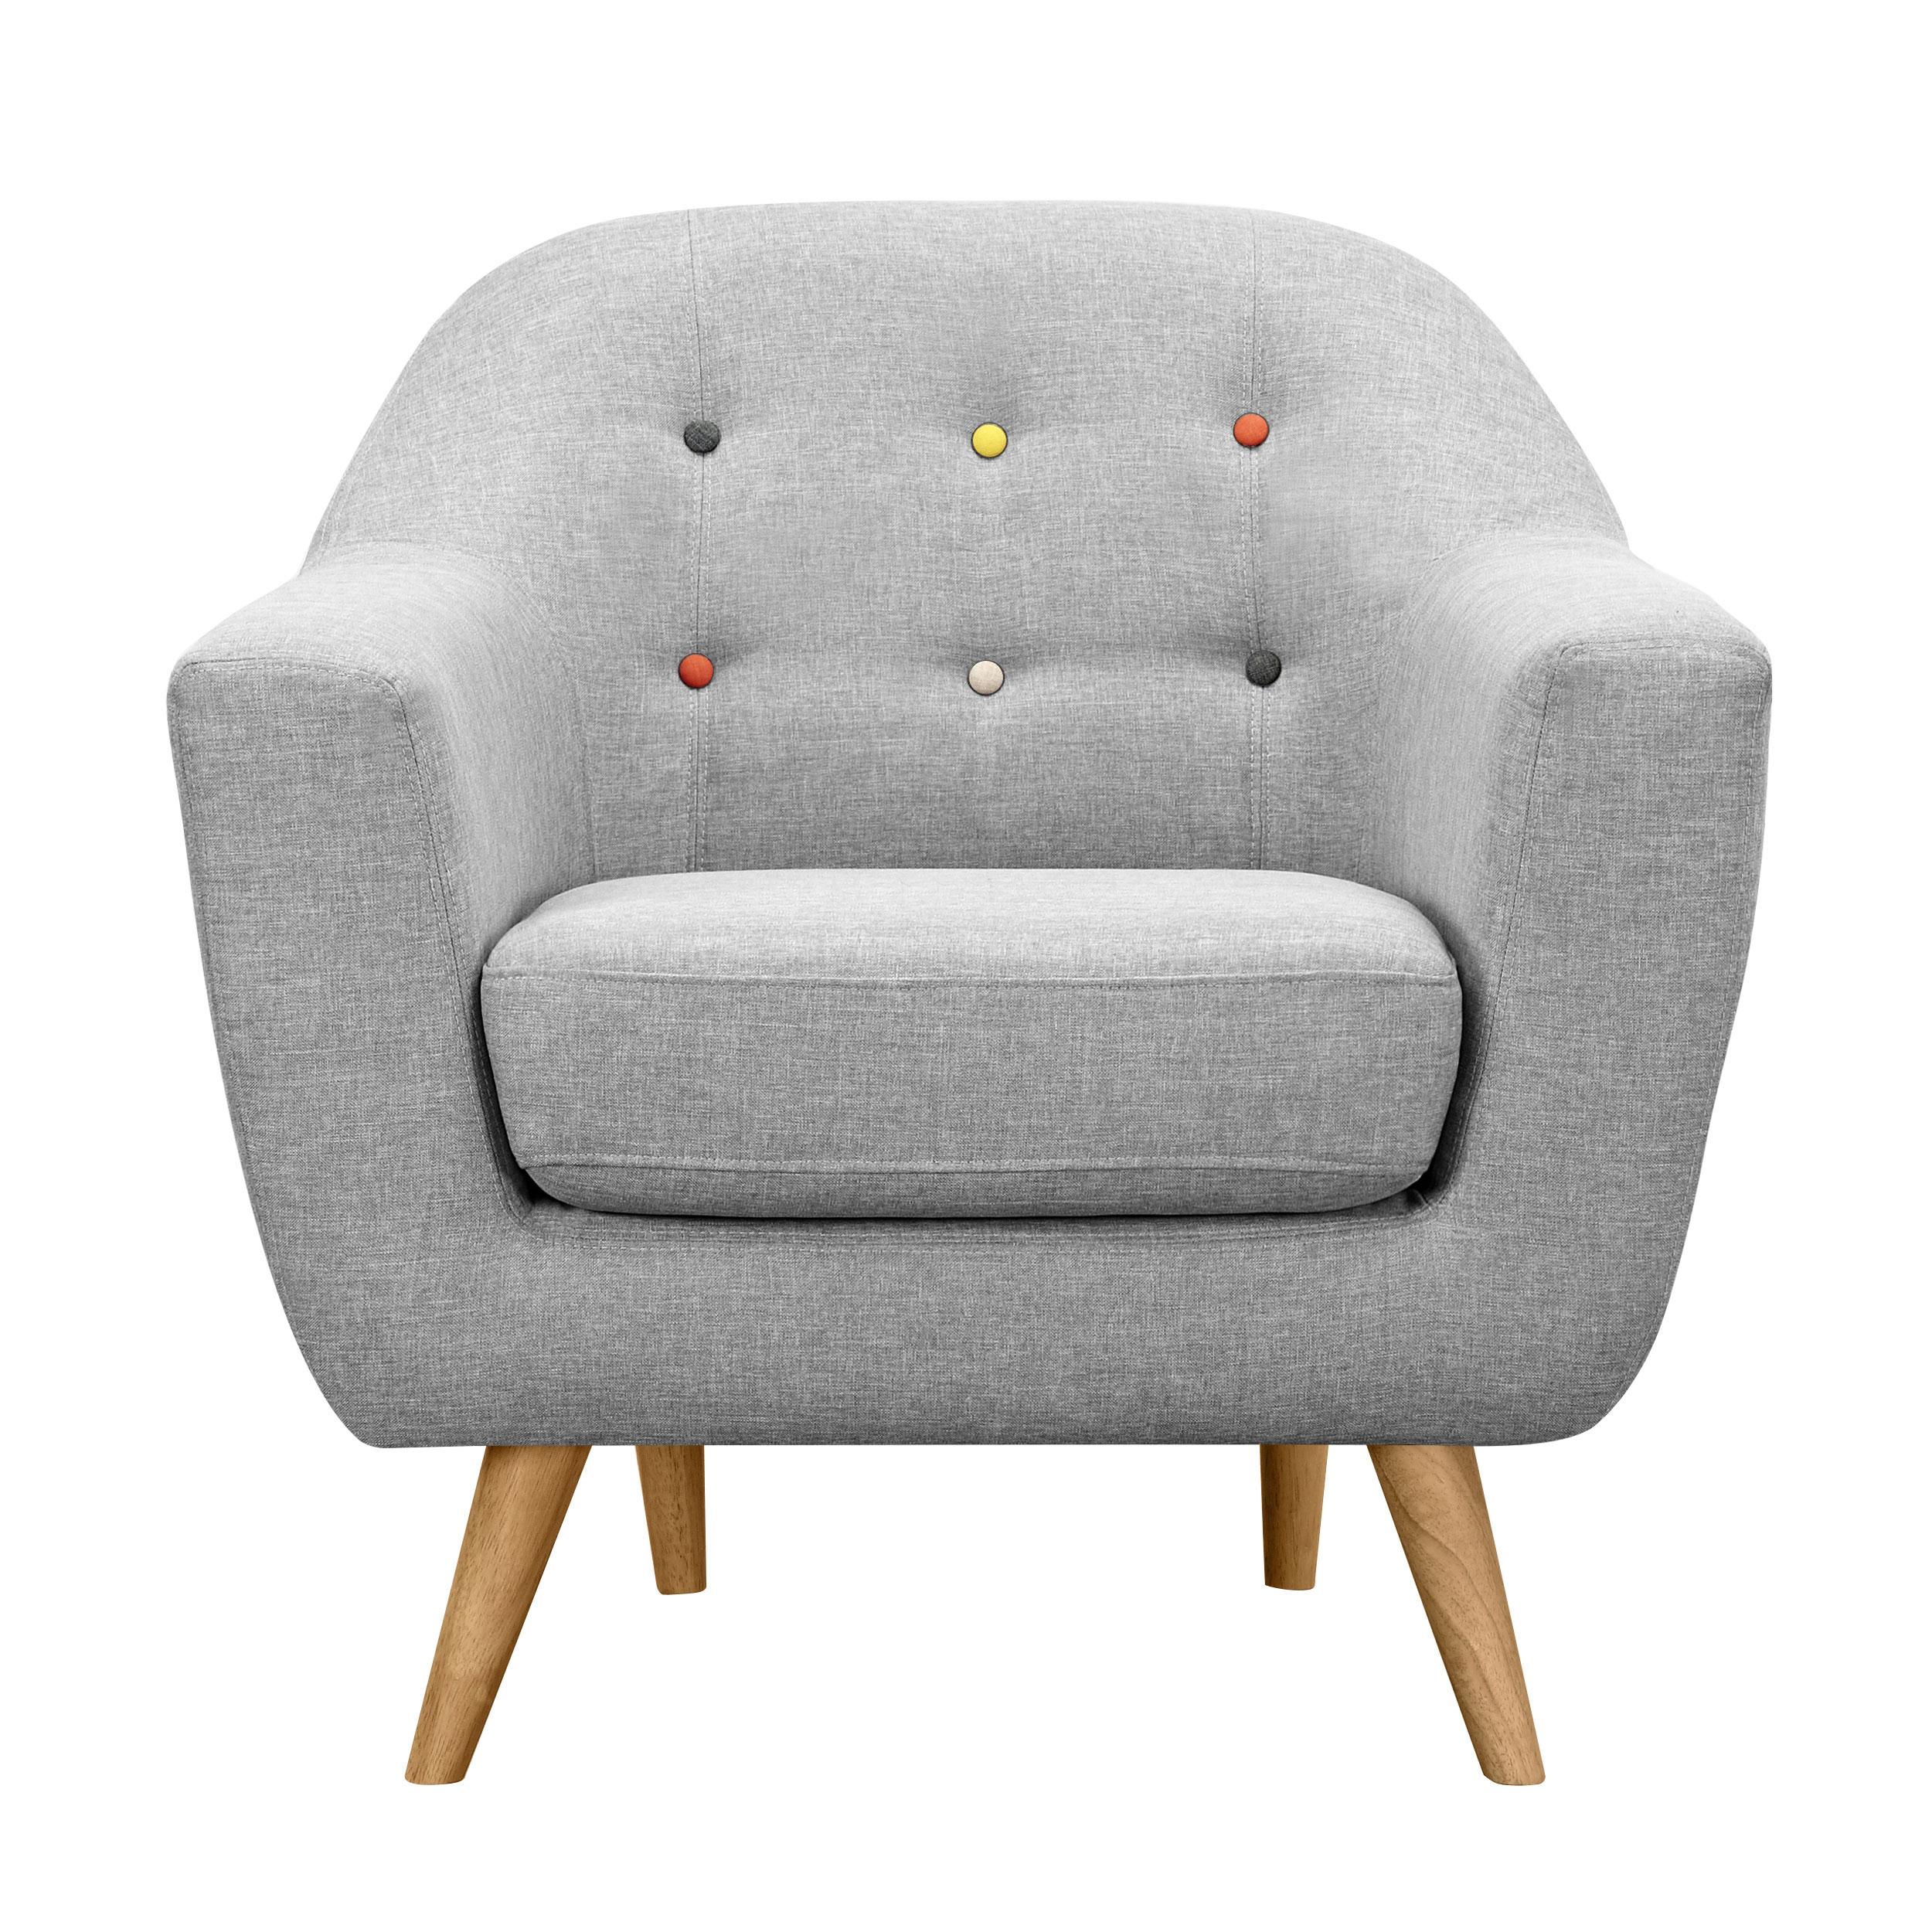 tissu design fauteuil fauteuil scandinave tissu design scandinave 354ALRj